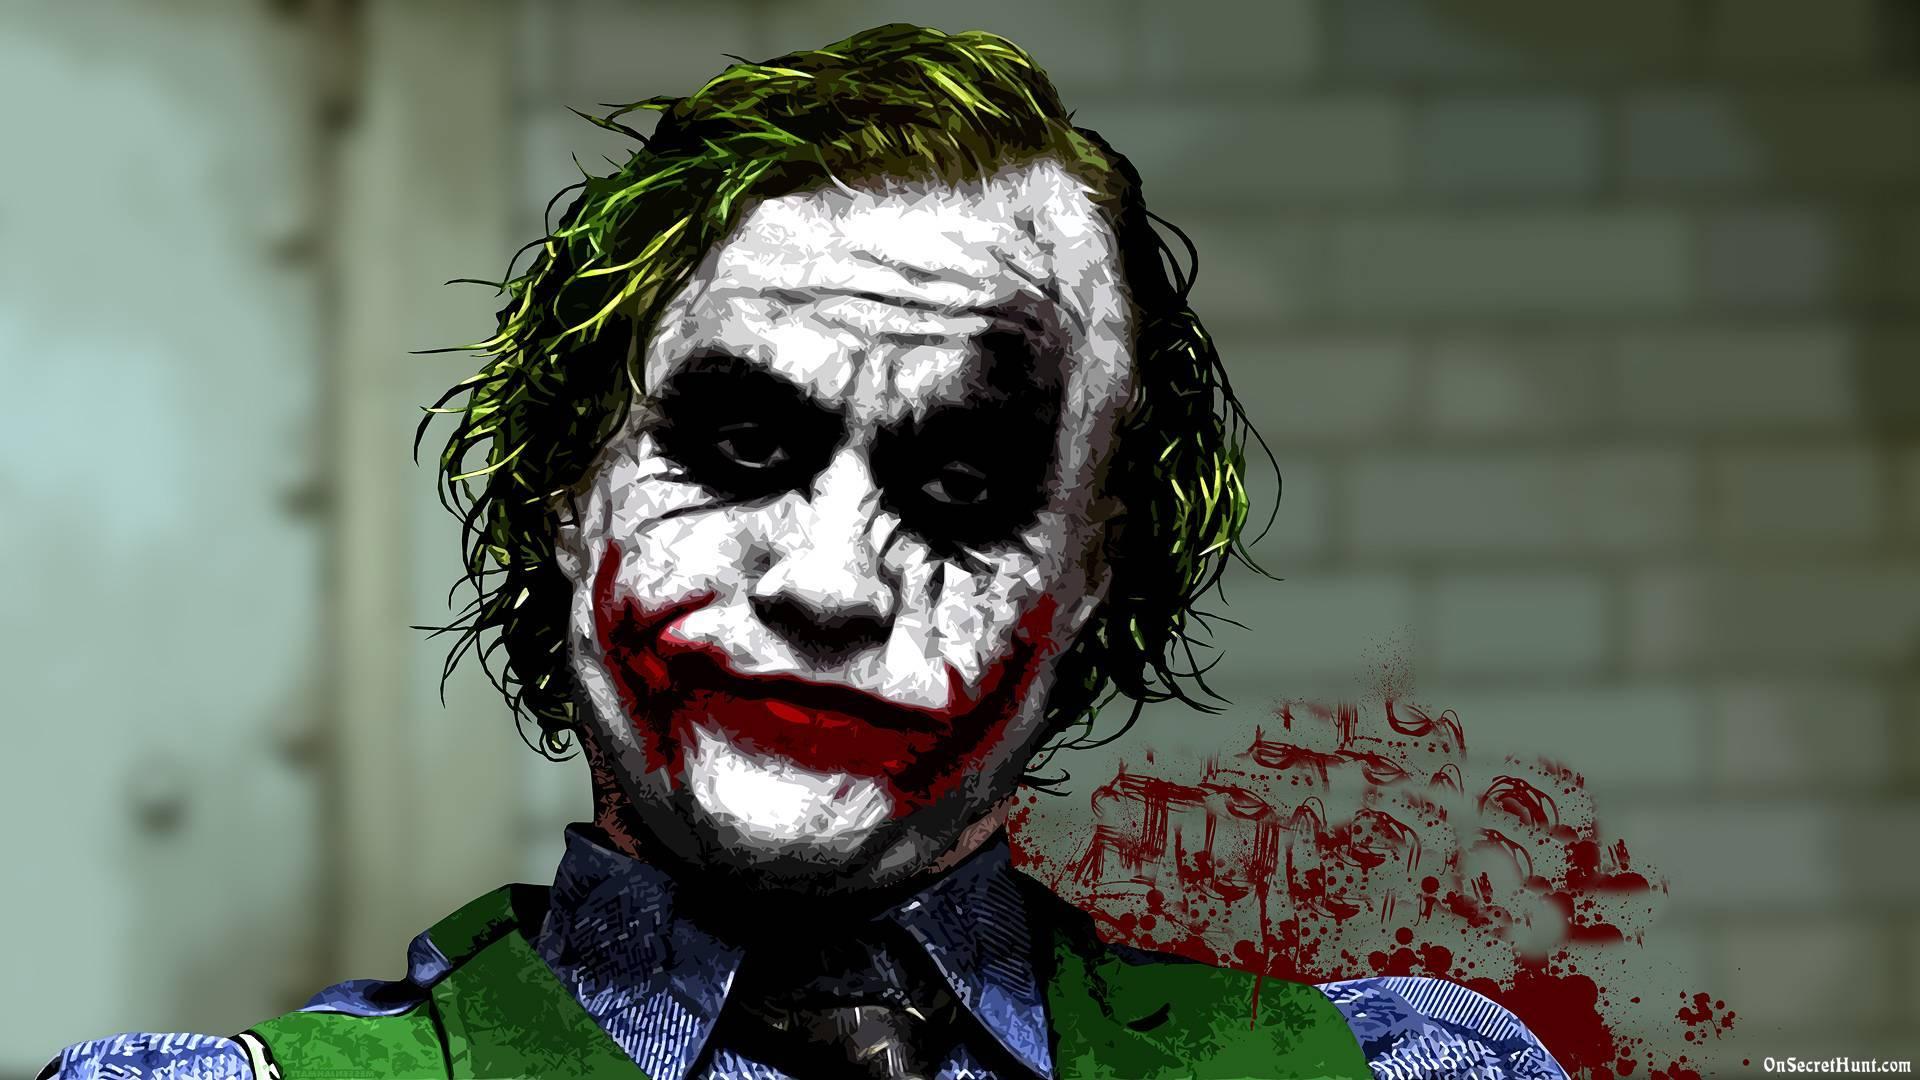 Joker wallpapers high quality download free for Joker wallpaper 4k